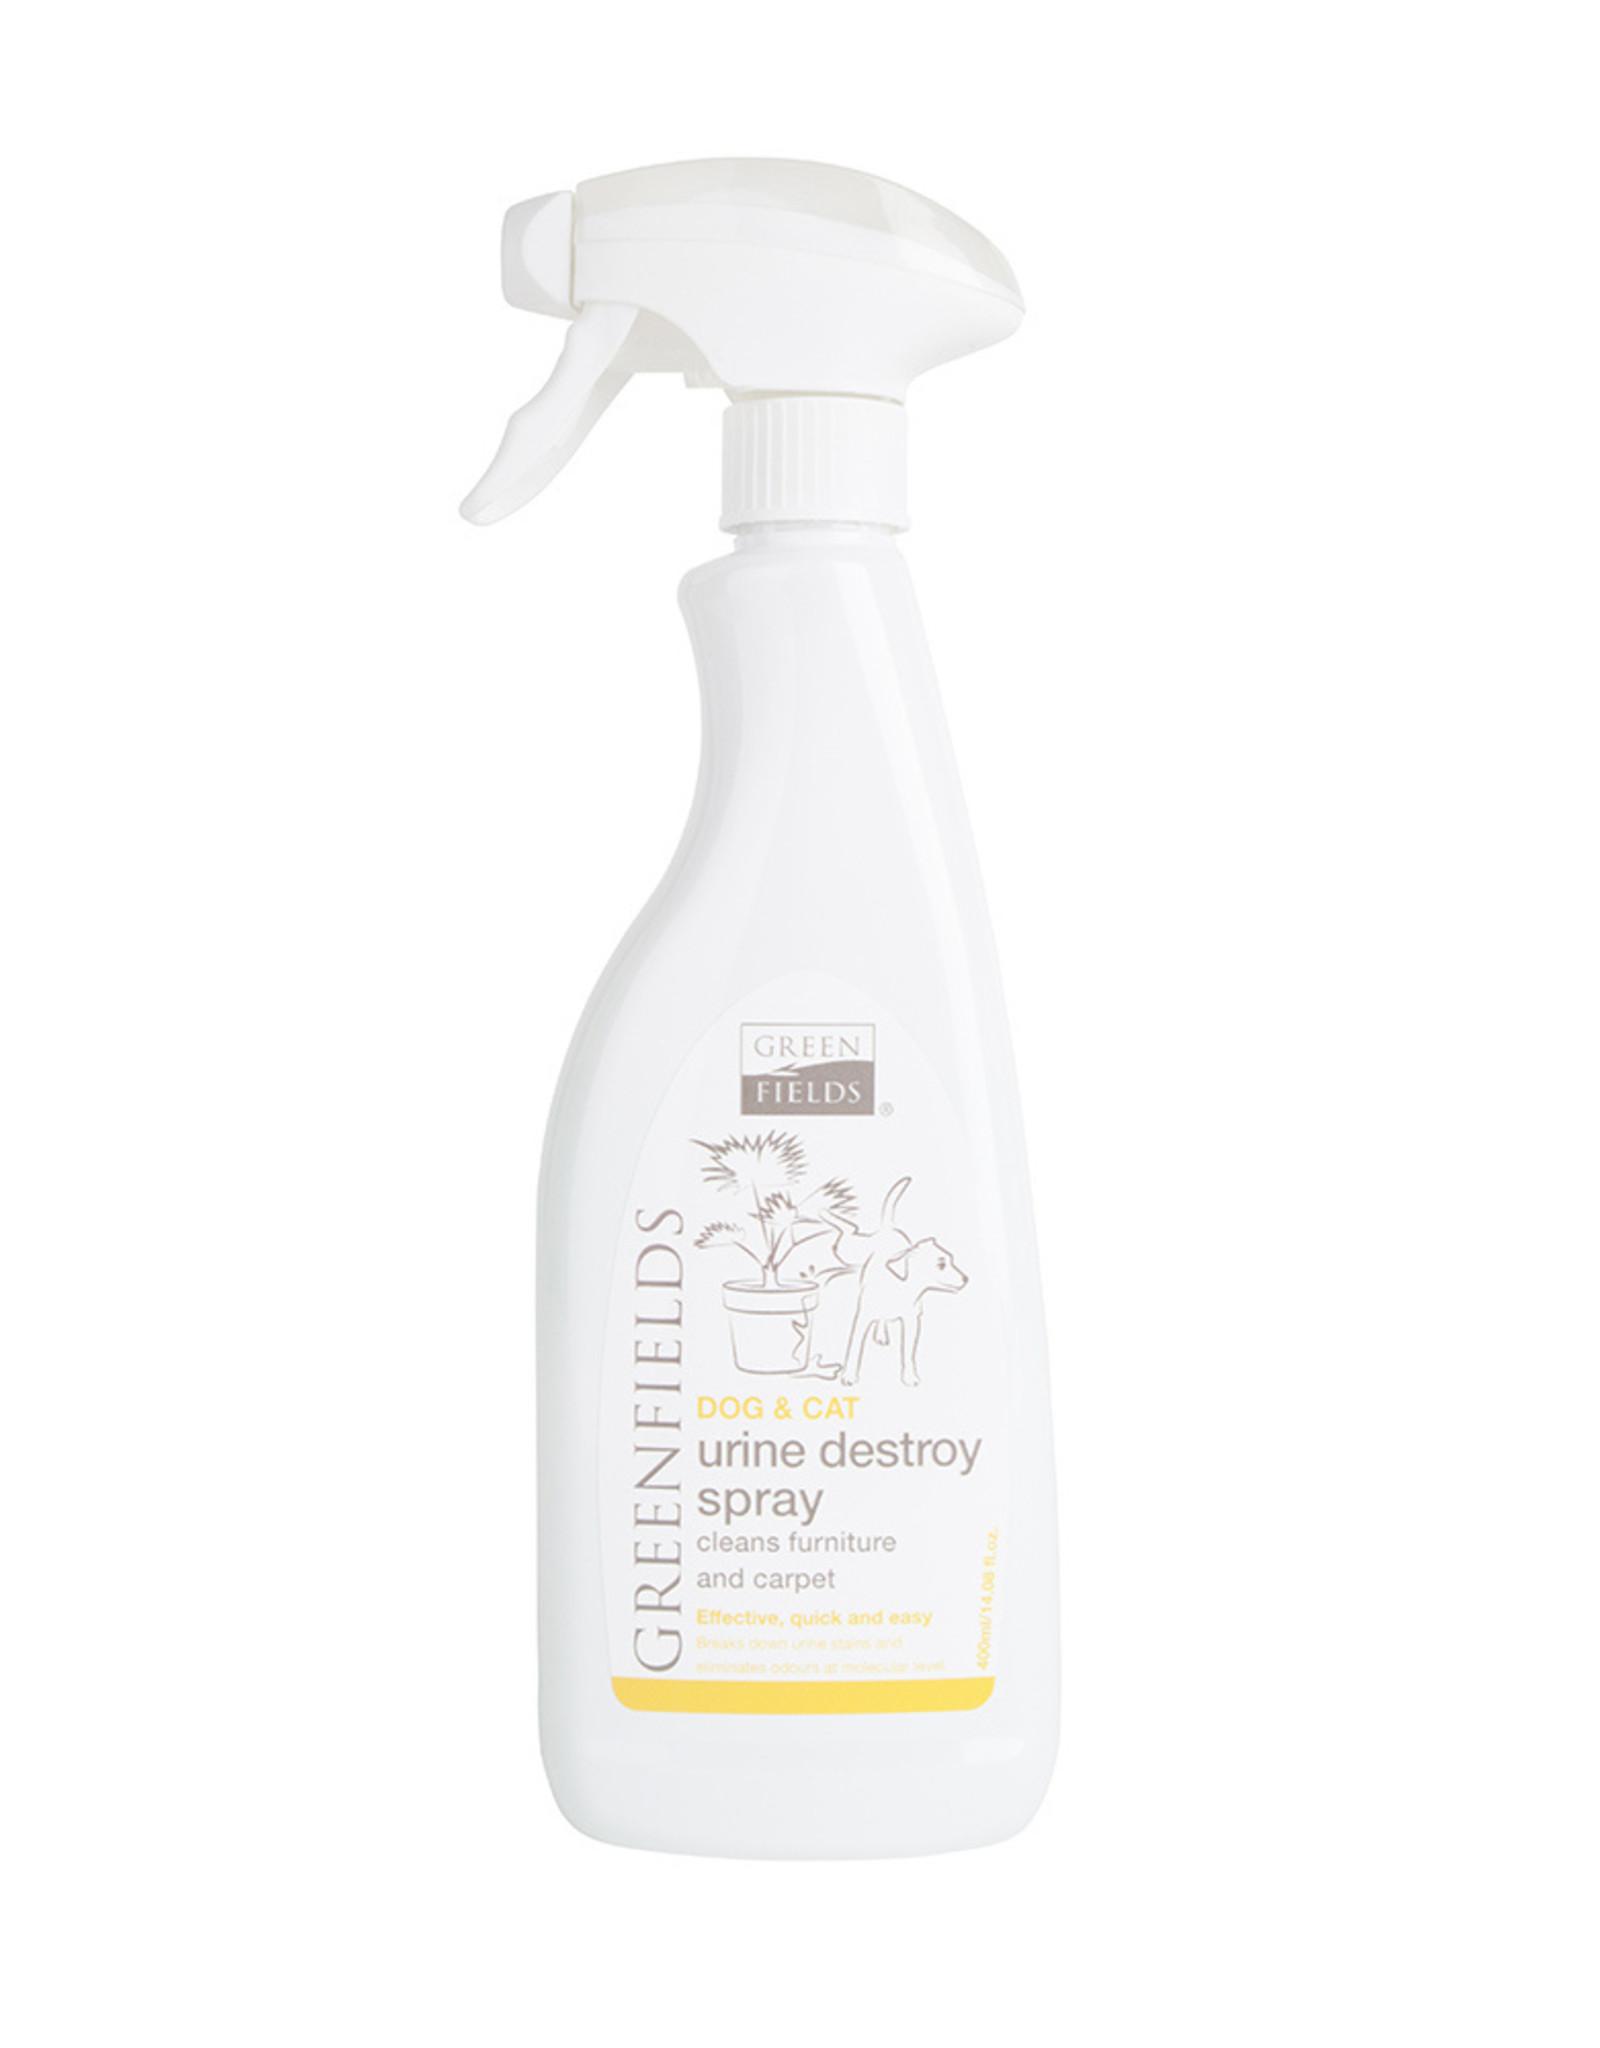 Greenfields Urine verwijderaar 400 ml.